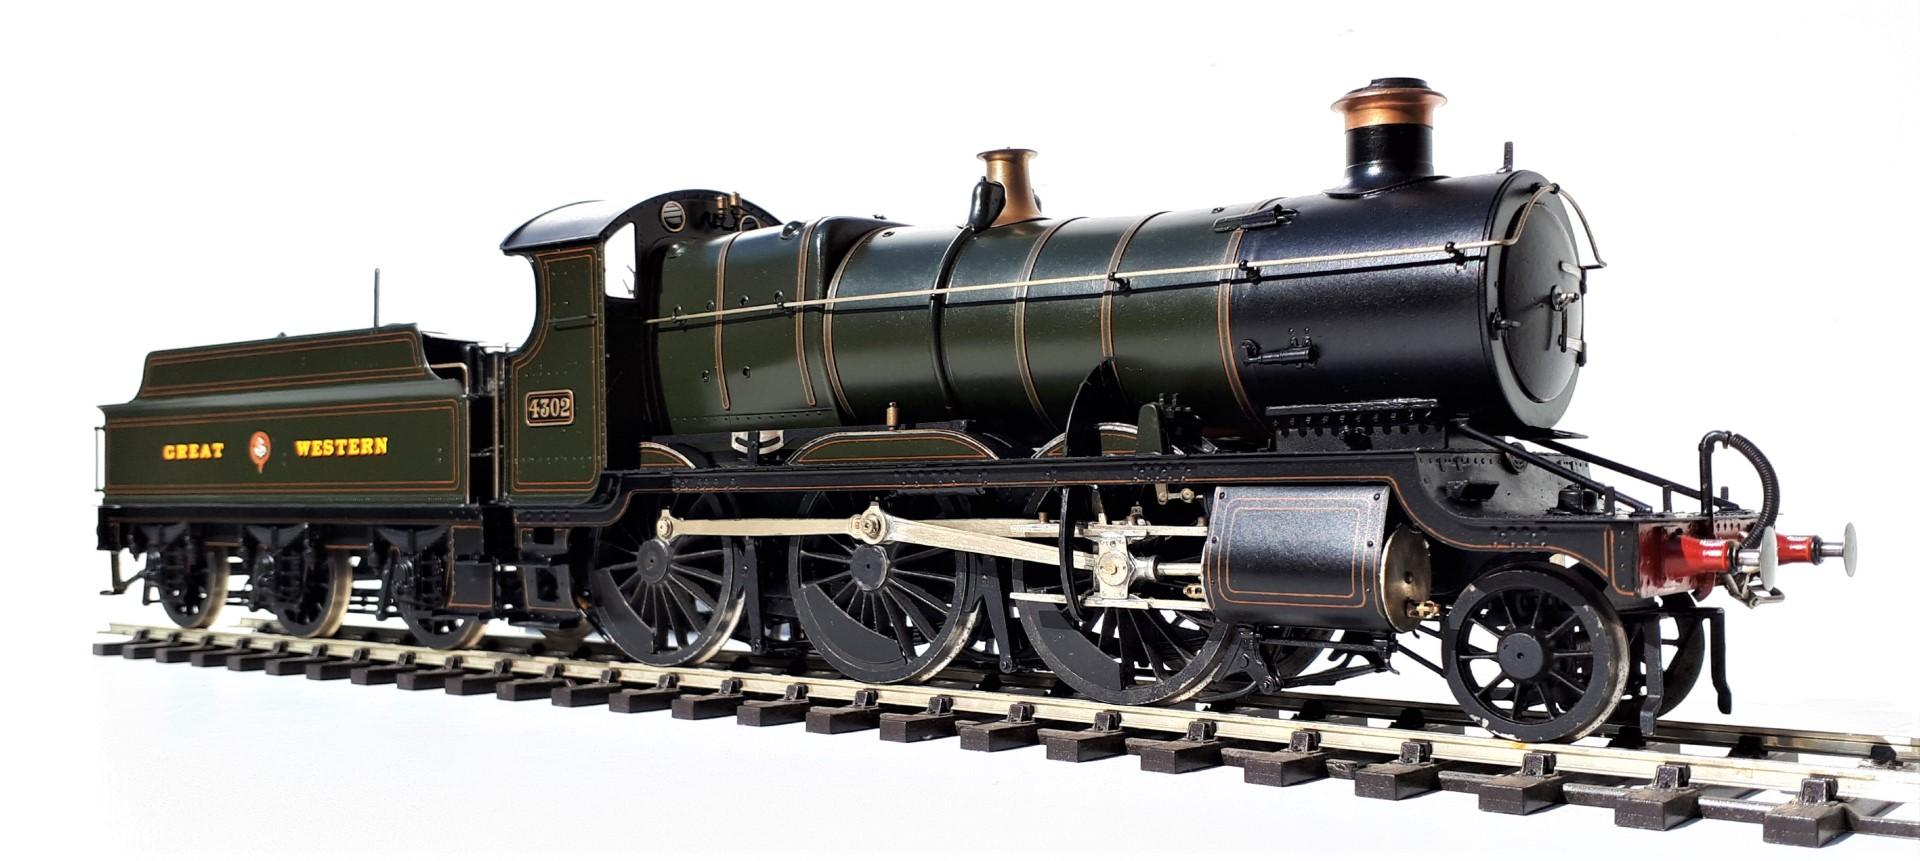 GWR 4302